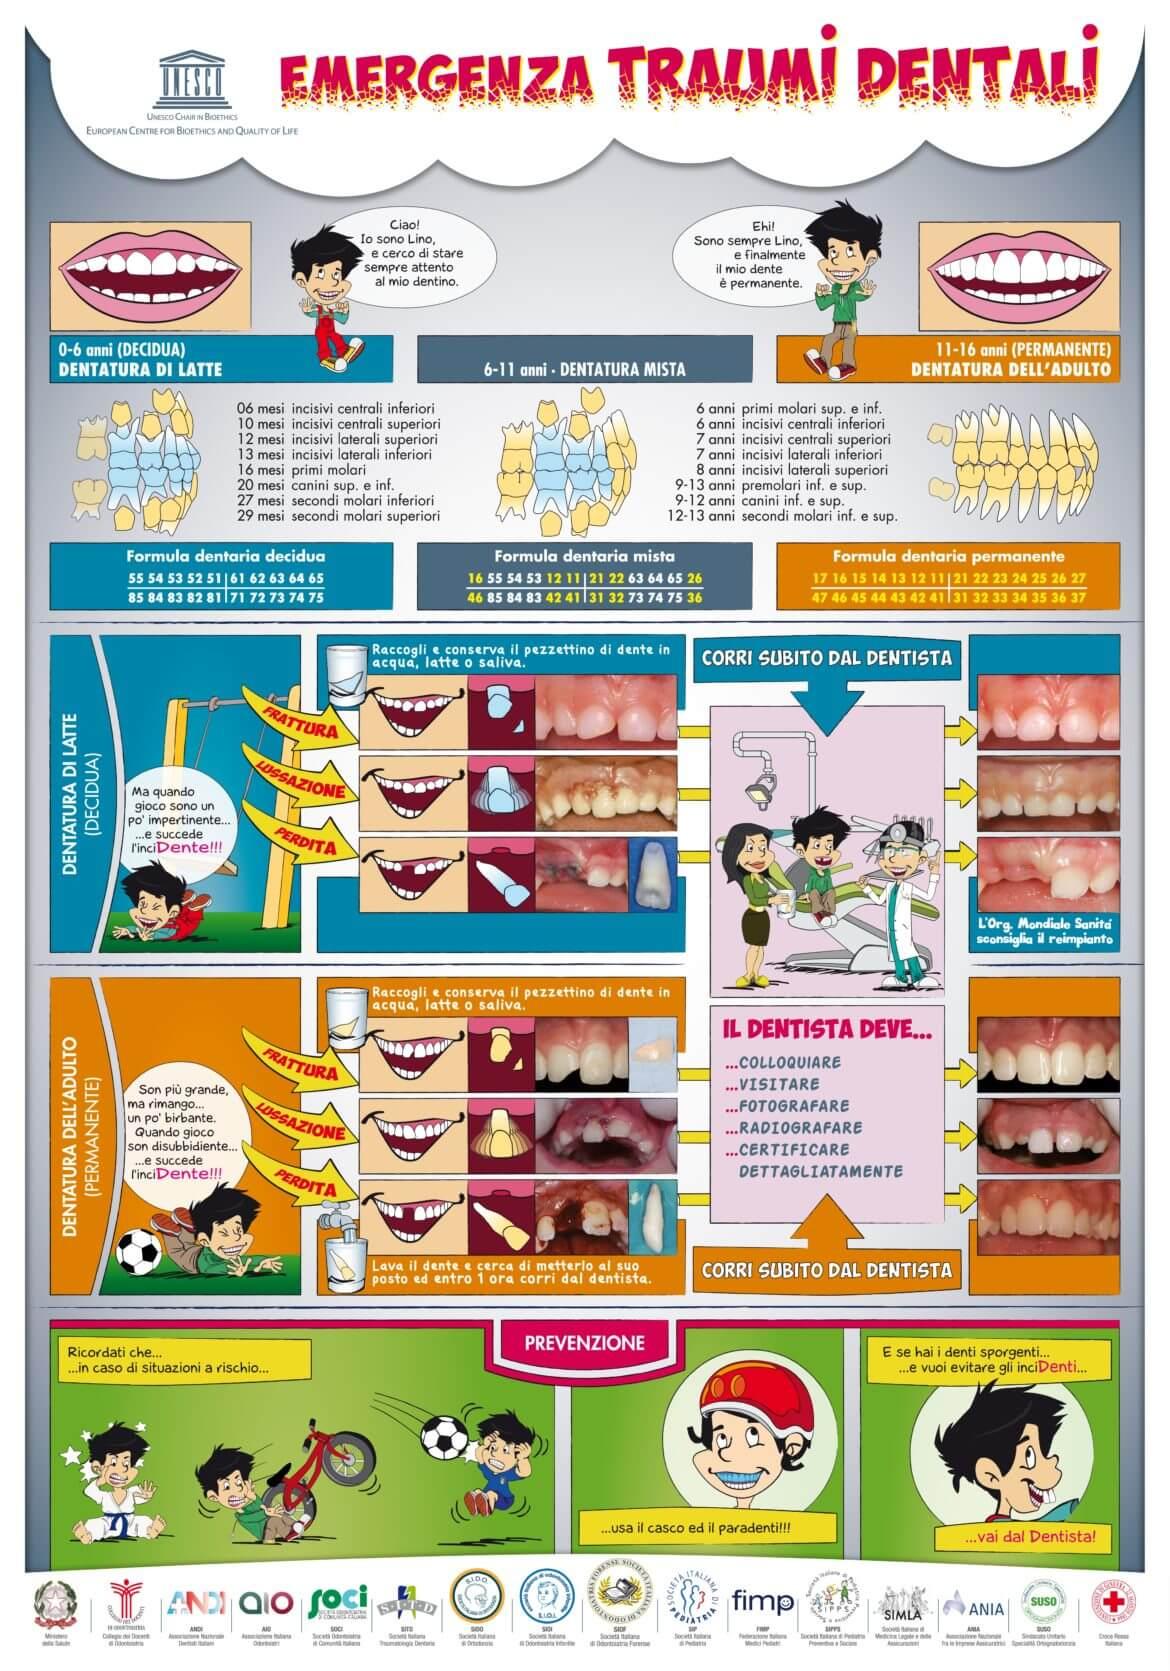 Emergenza-Traumi-Dentali.jpg